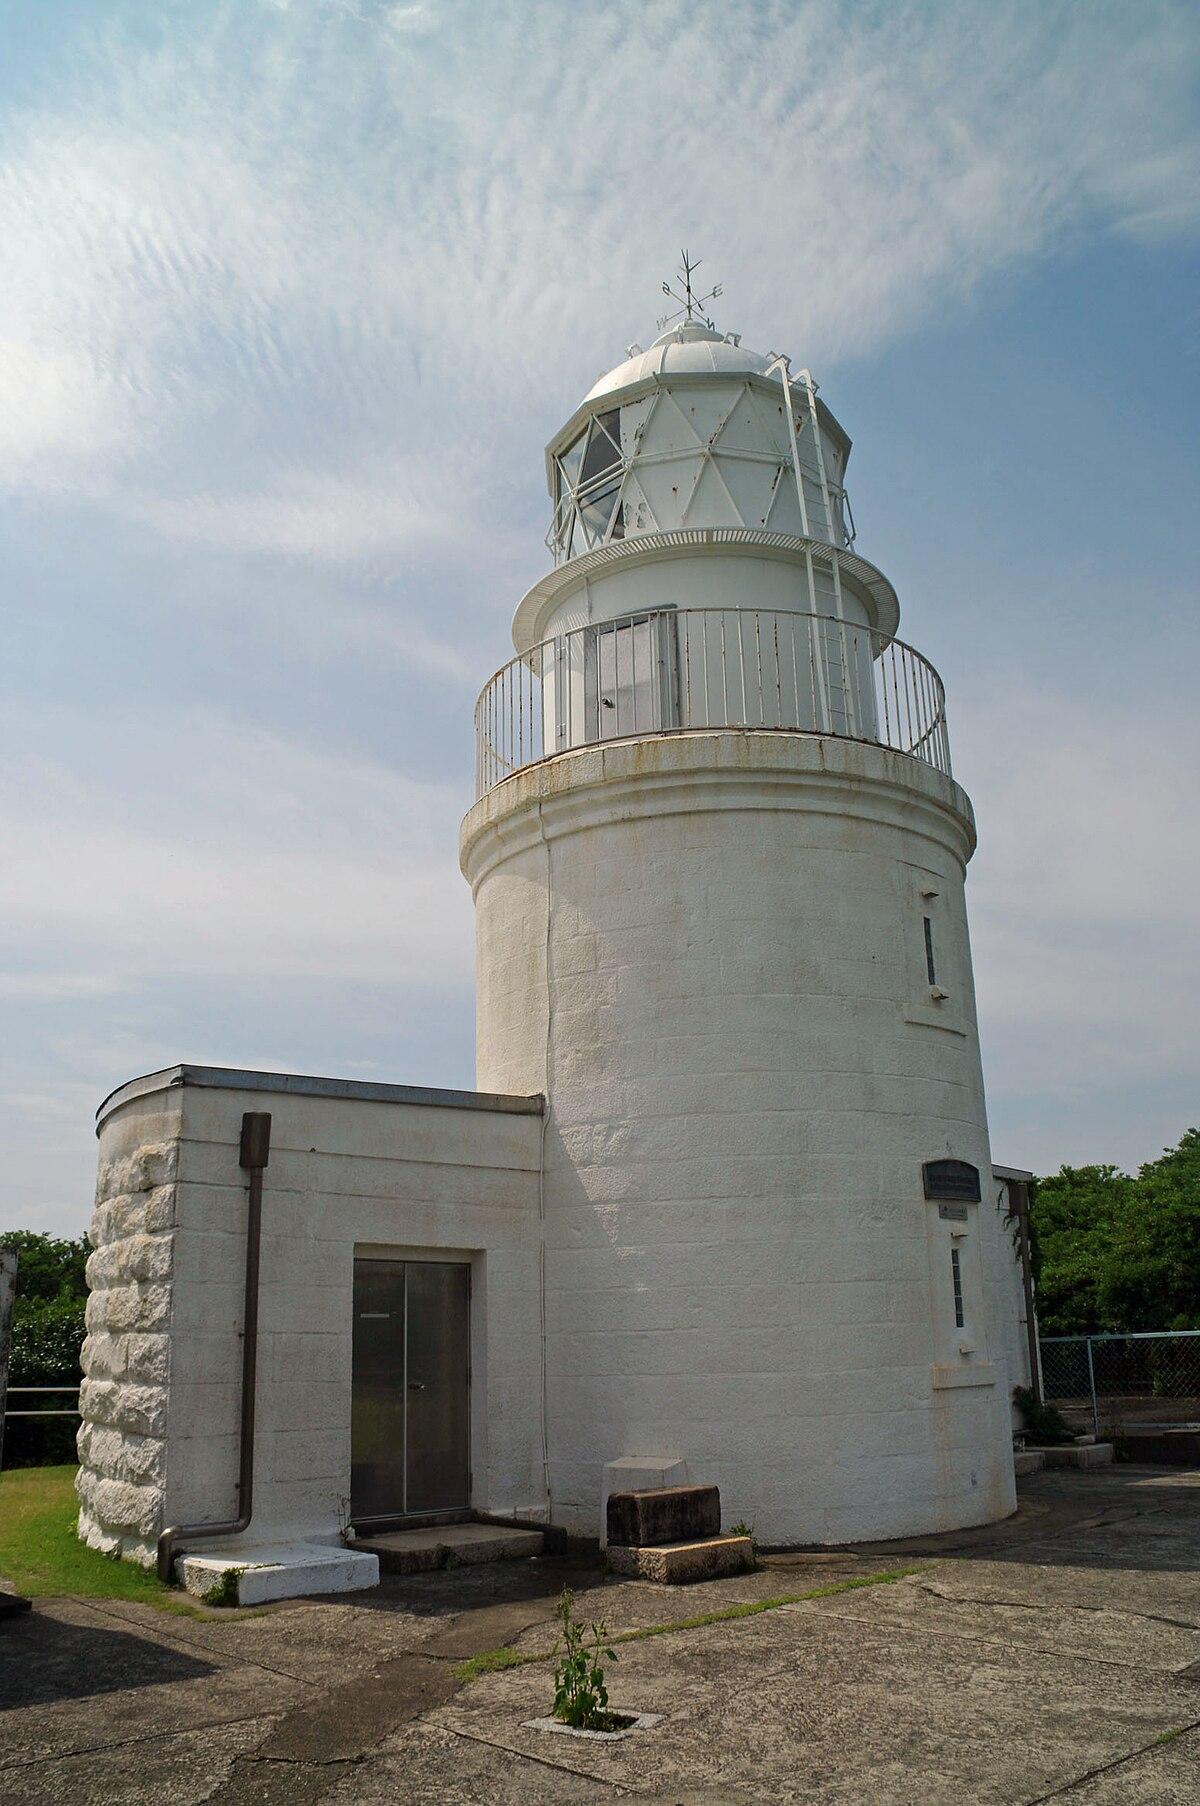 tomogashima lighthouse